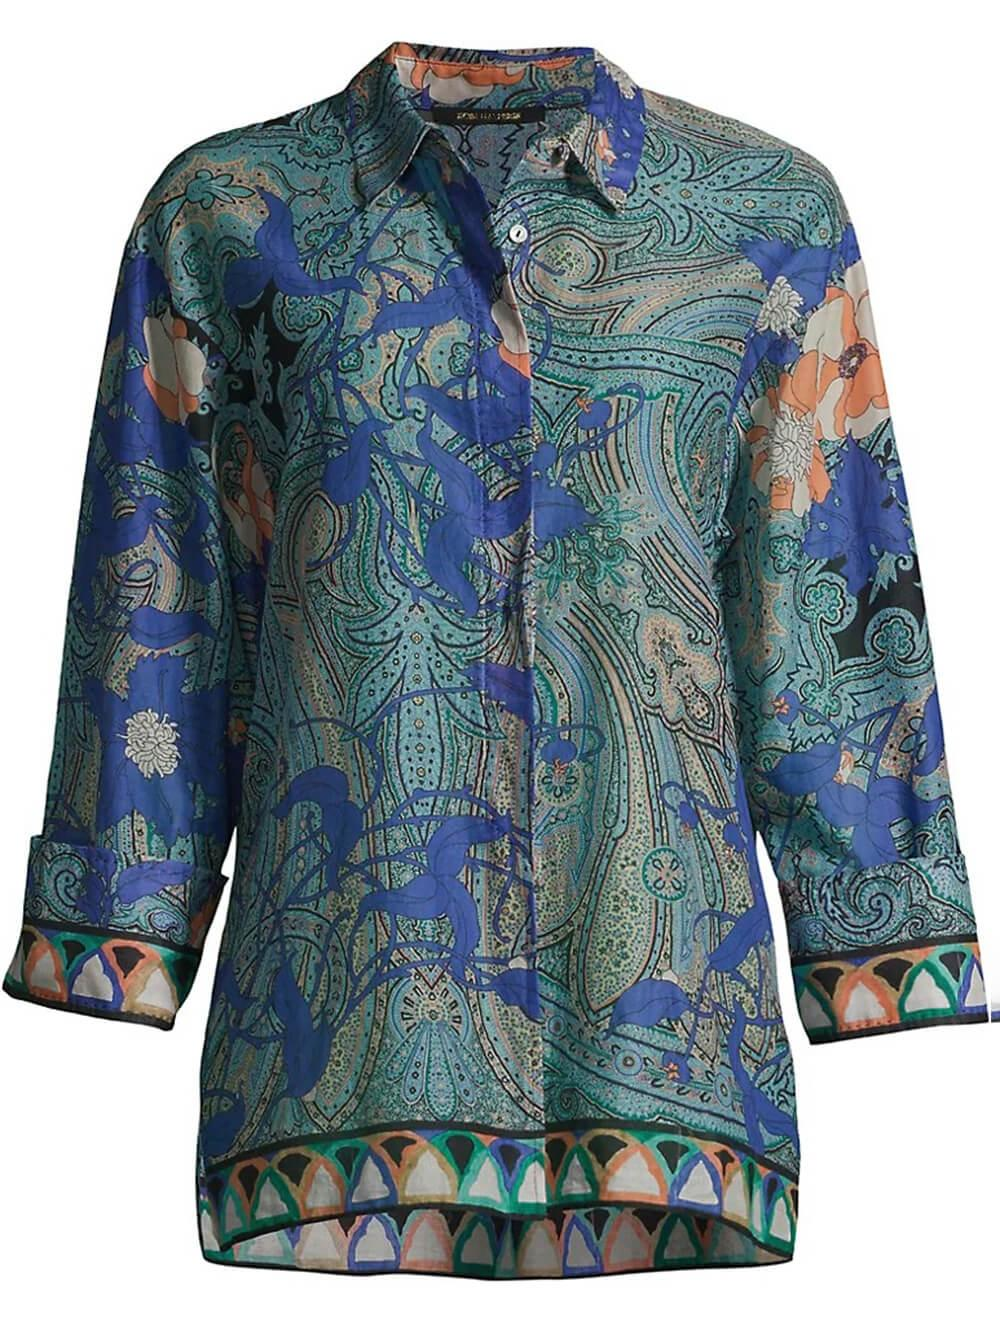 Blake Printed Shirt Item # KU1B15-1G